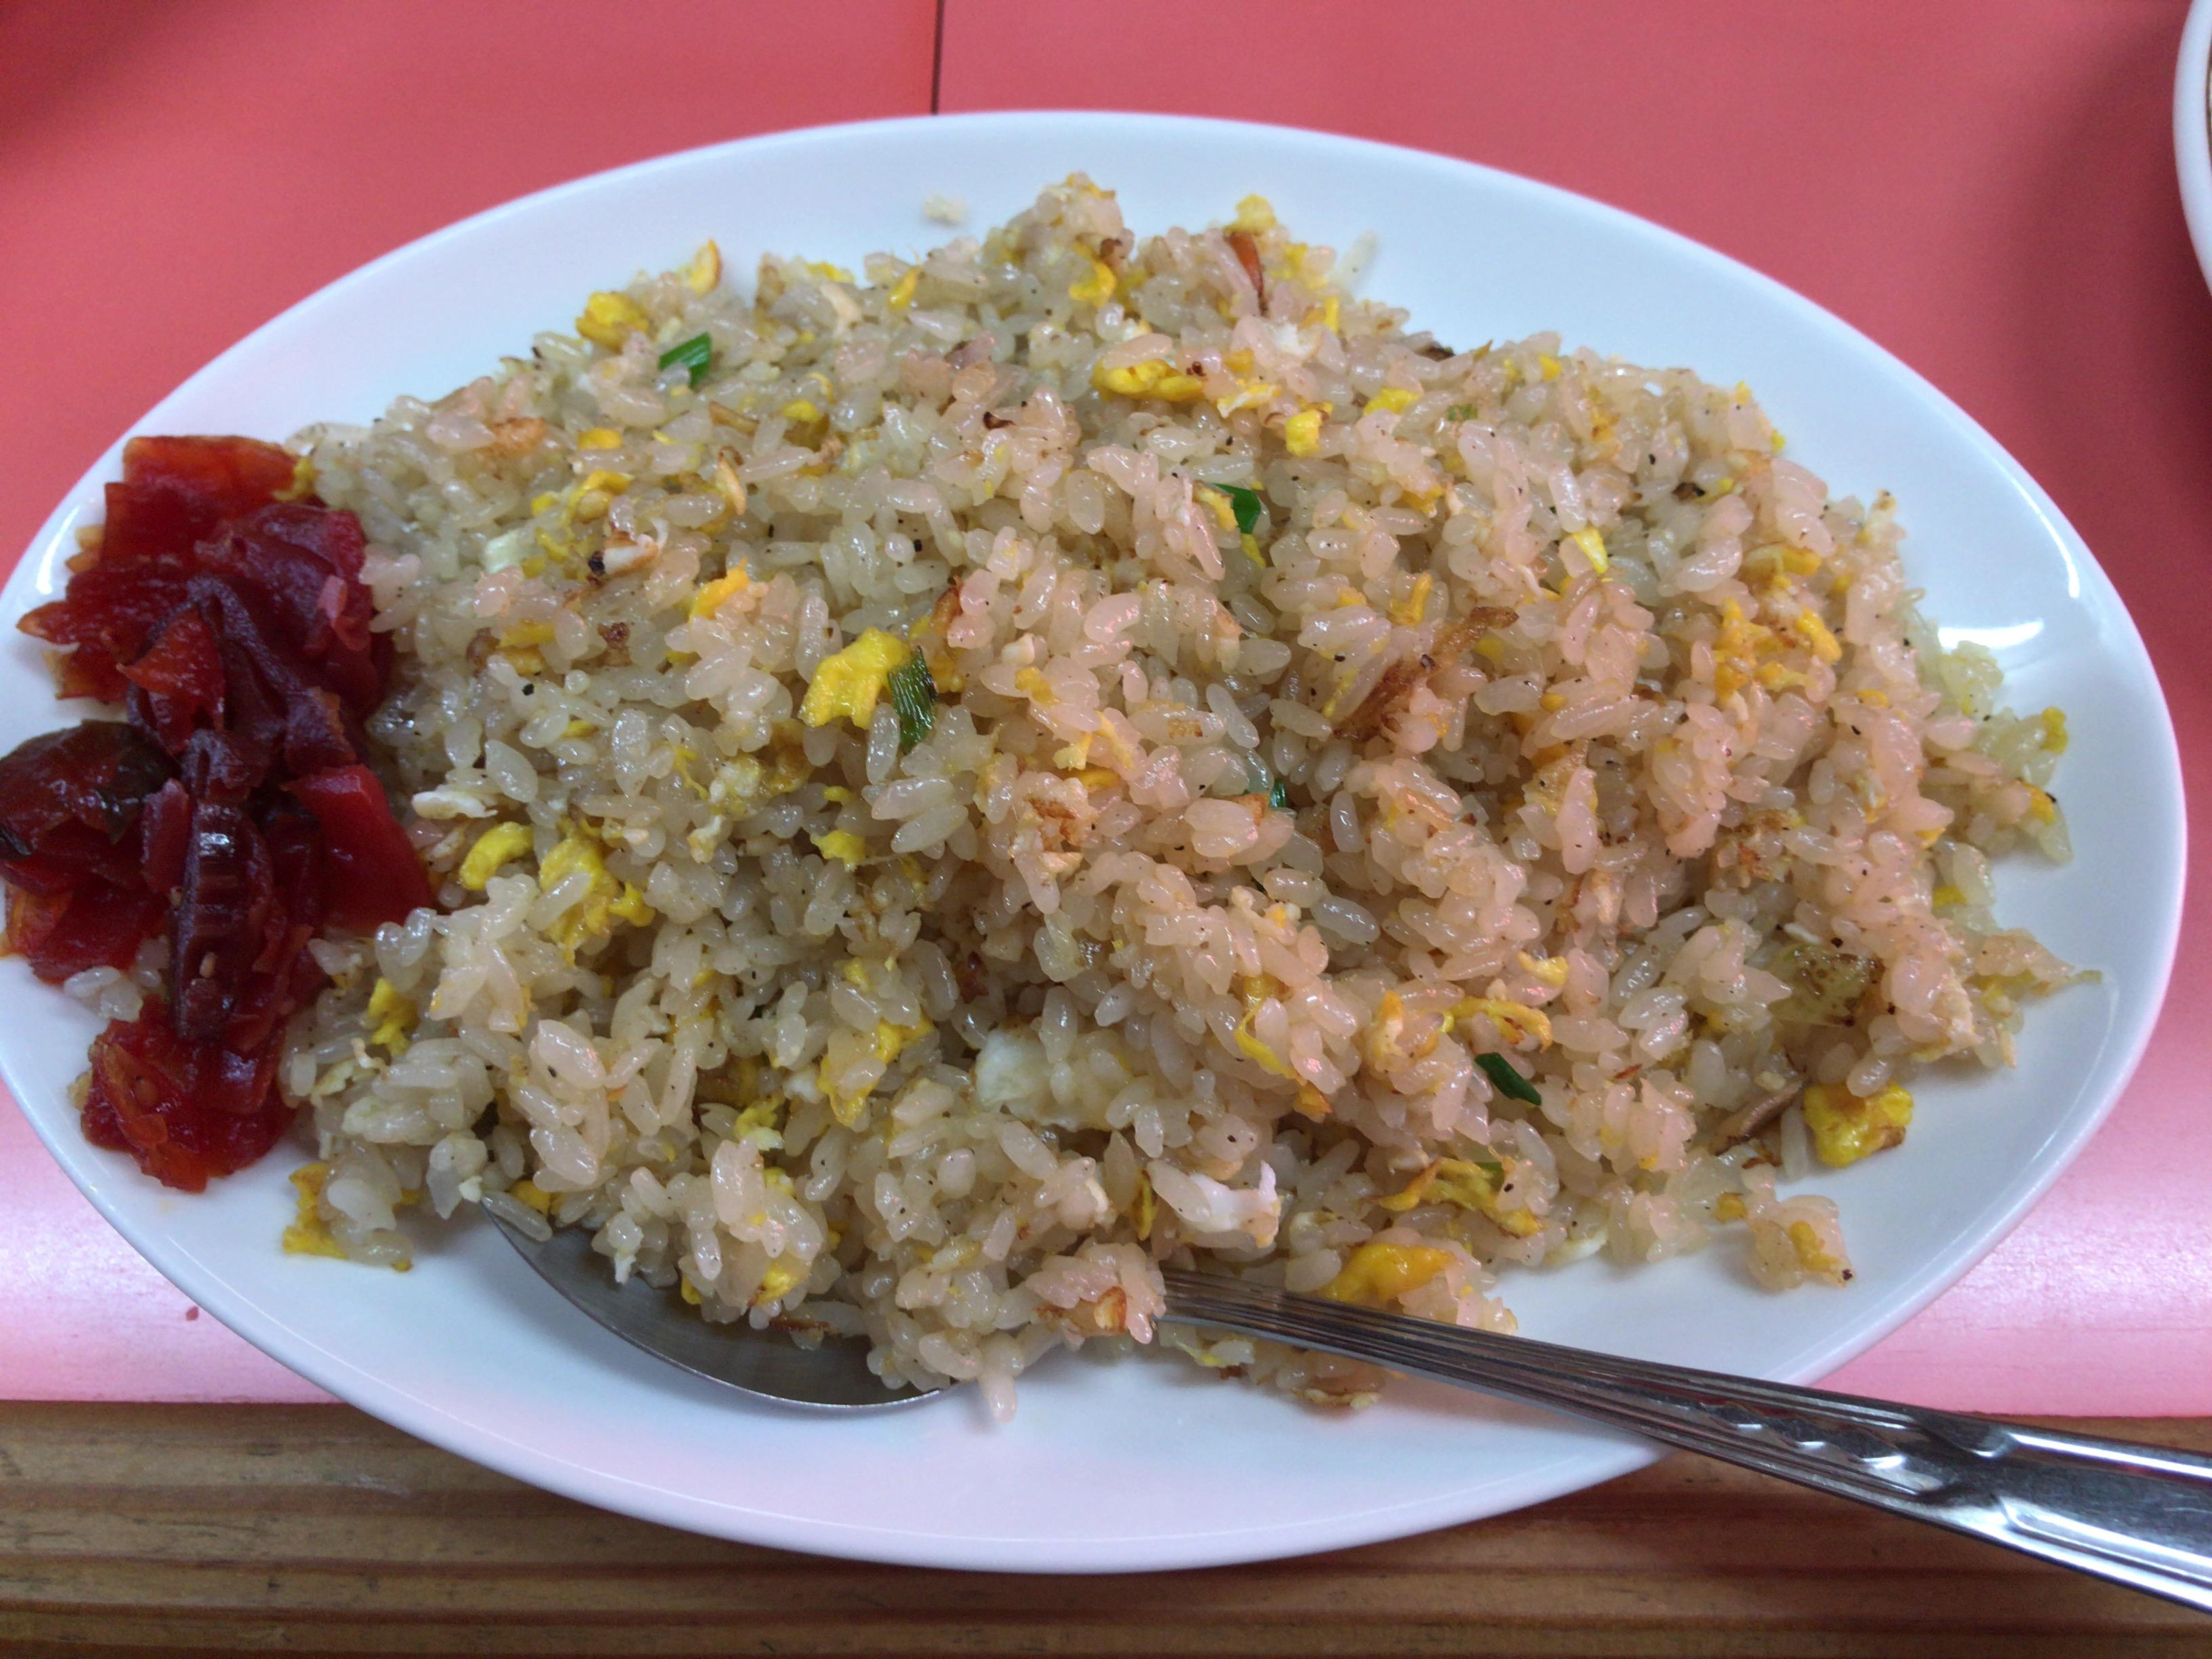 シンプルがちょうどいい!西条市壬生川駅近くにある「上海軒」の絶品焼めしを食べてみたよ!